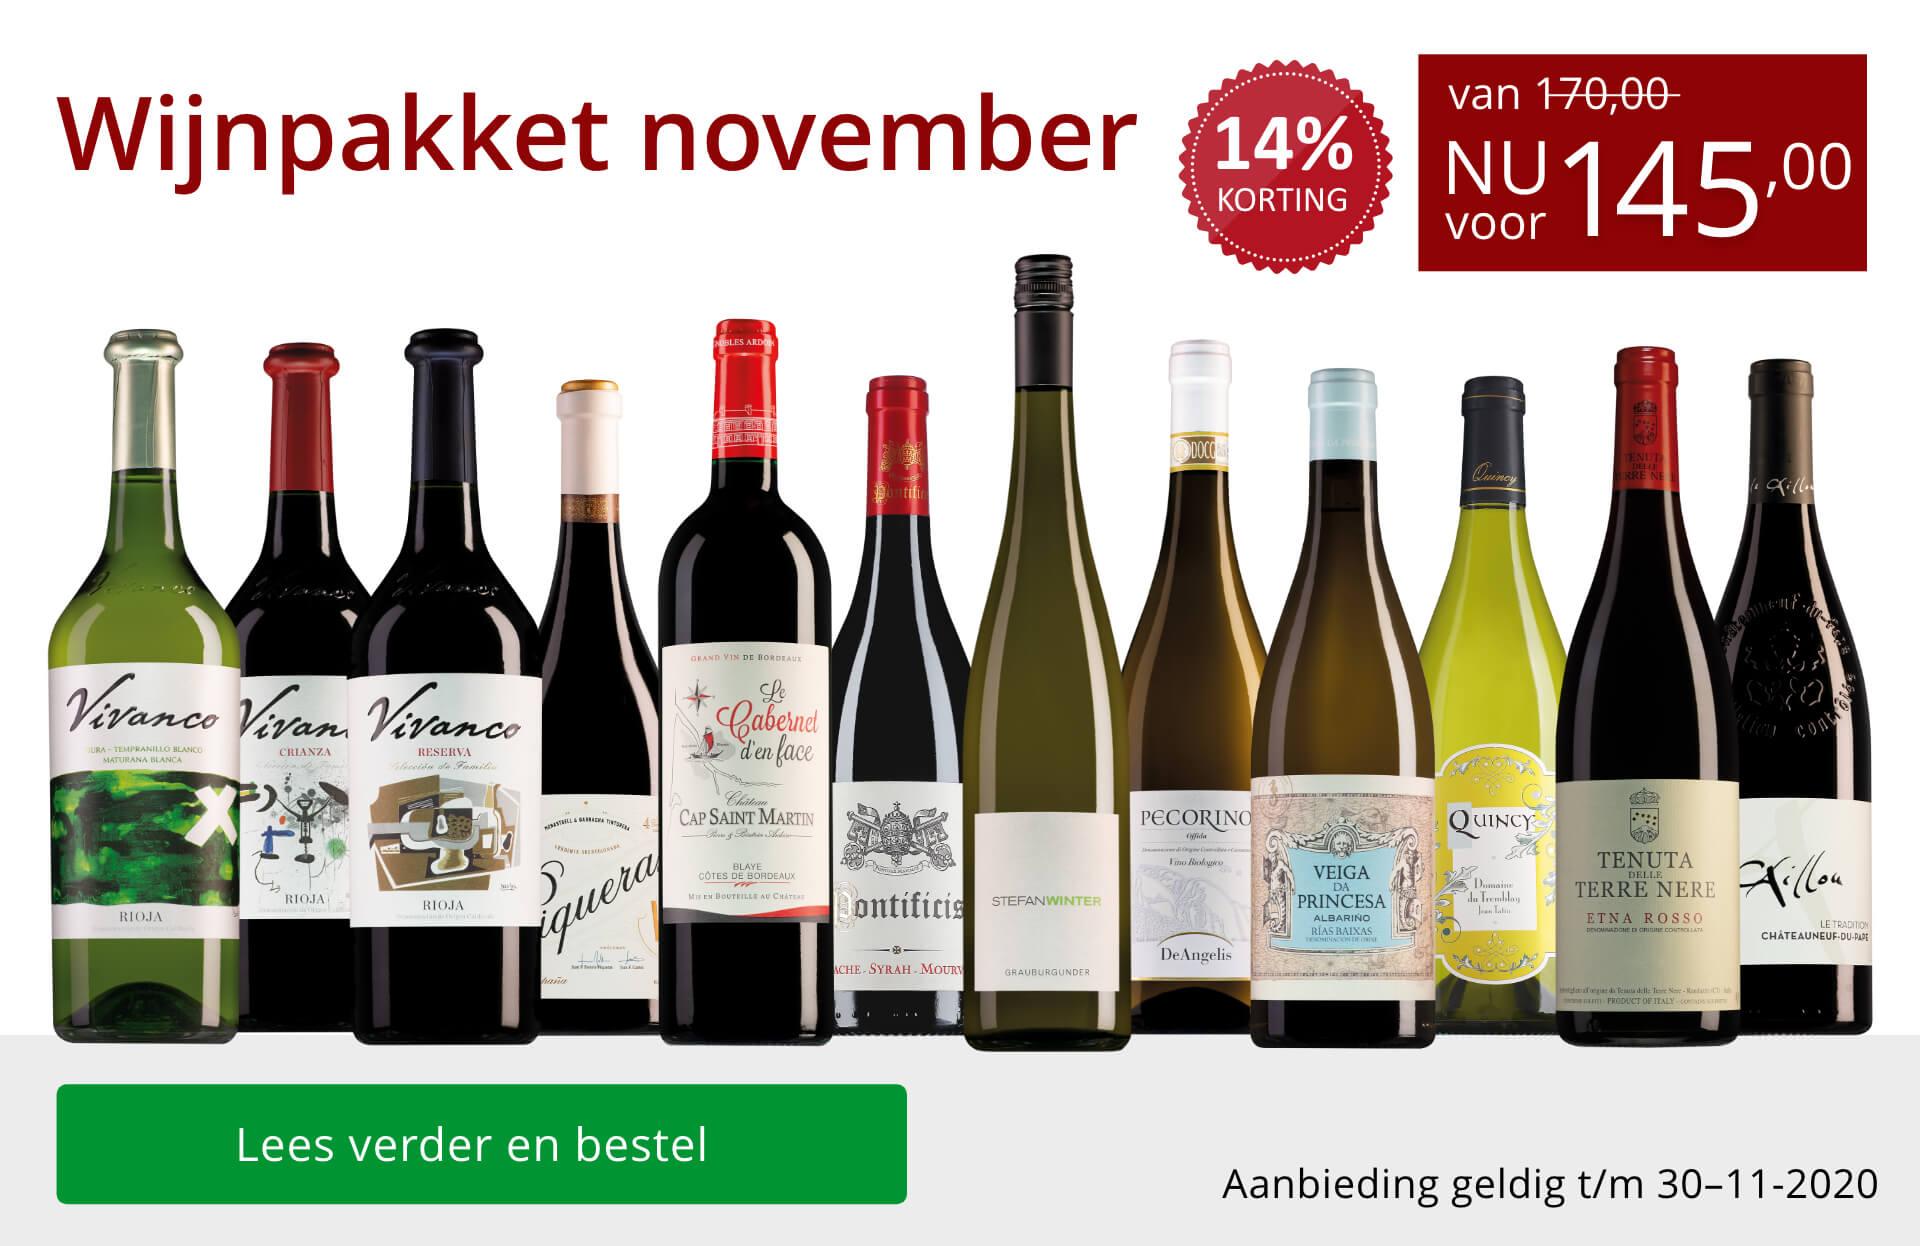 Wijnpakket wijnbericht november 2020(145,00)-rood